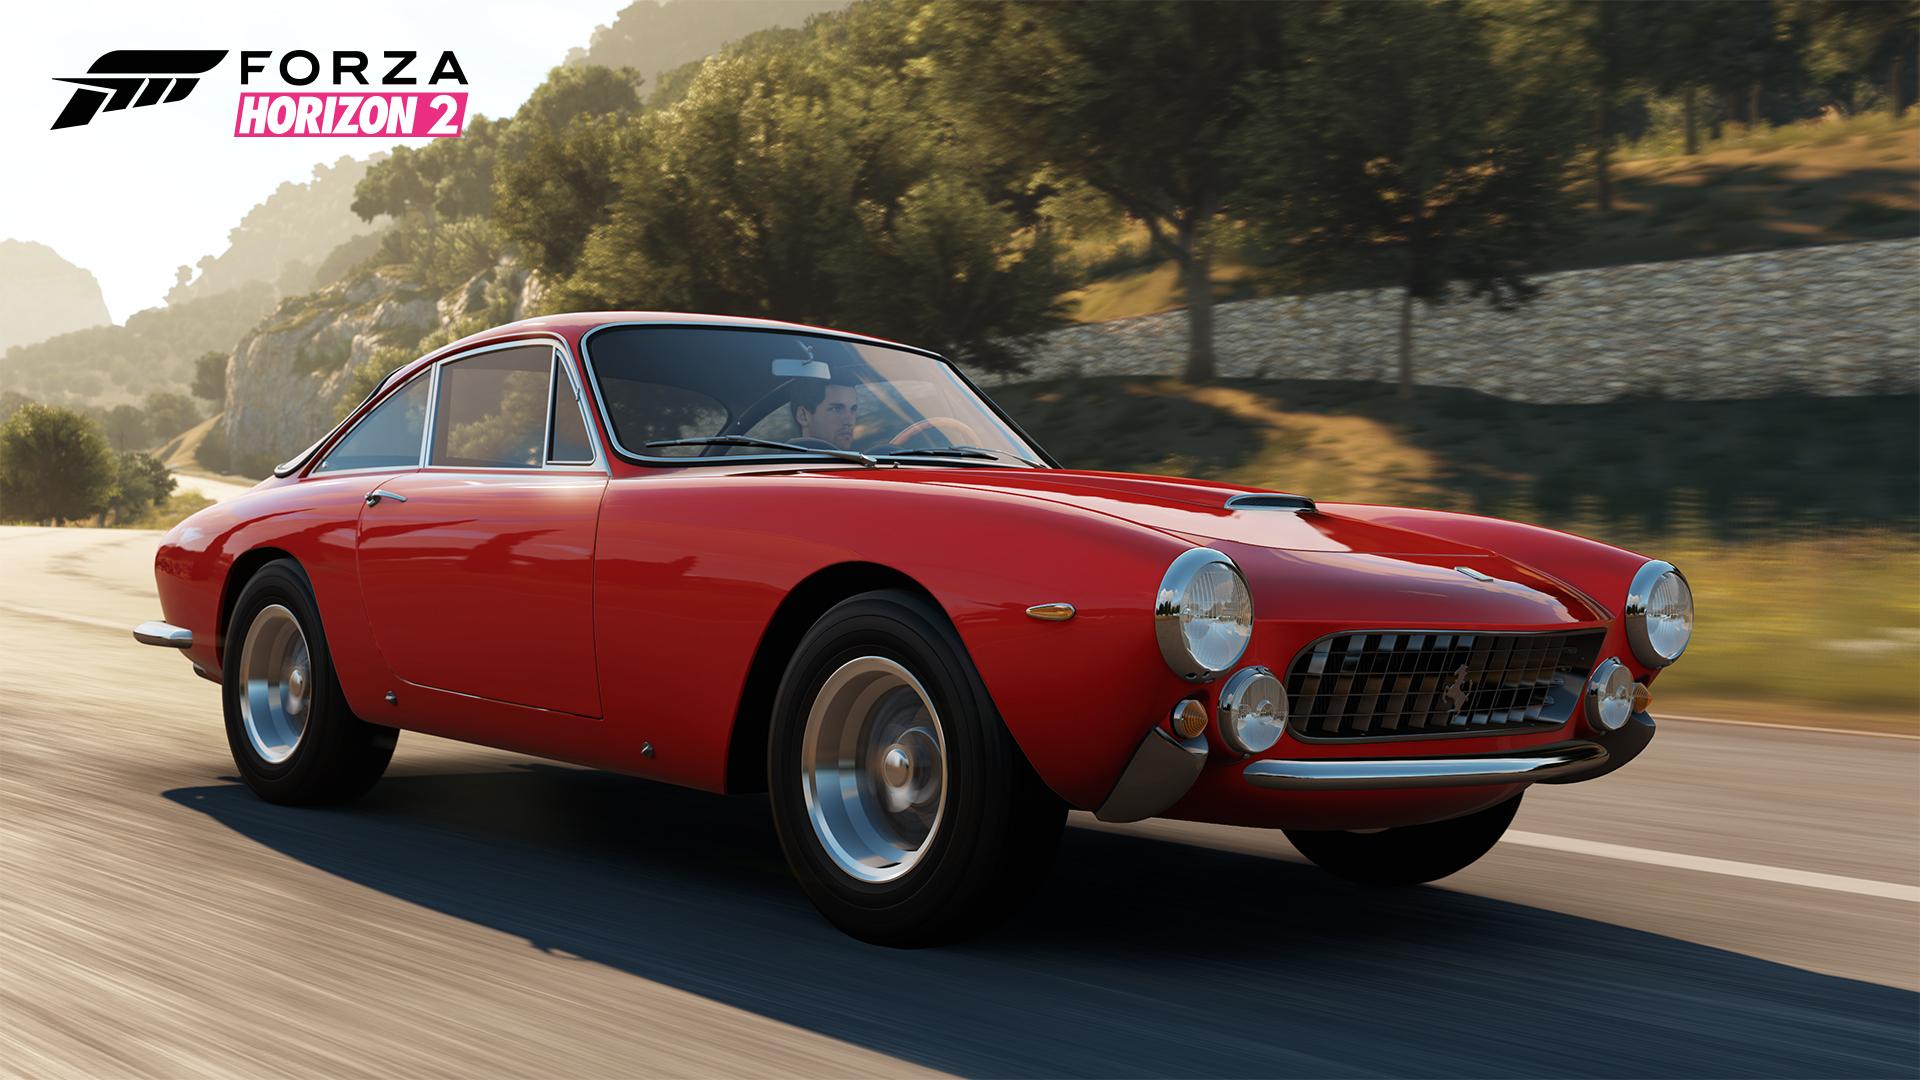 Forza Horizon 2: Ilyen az egyik legmenőbb next-generációs játék! Veszélyben a Gran Turismo királysága?